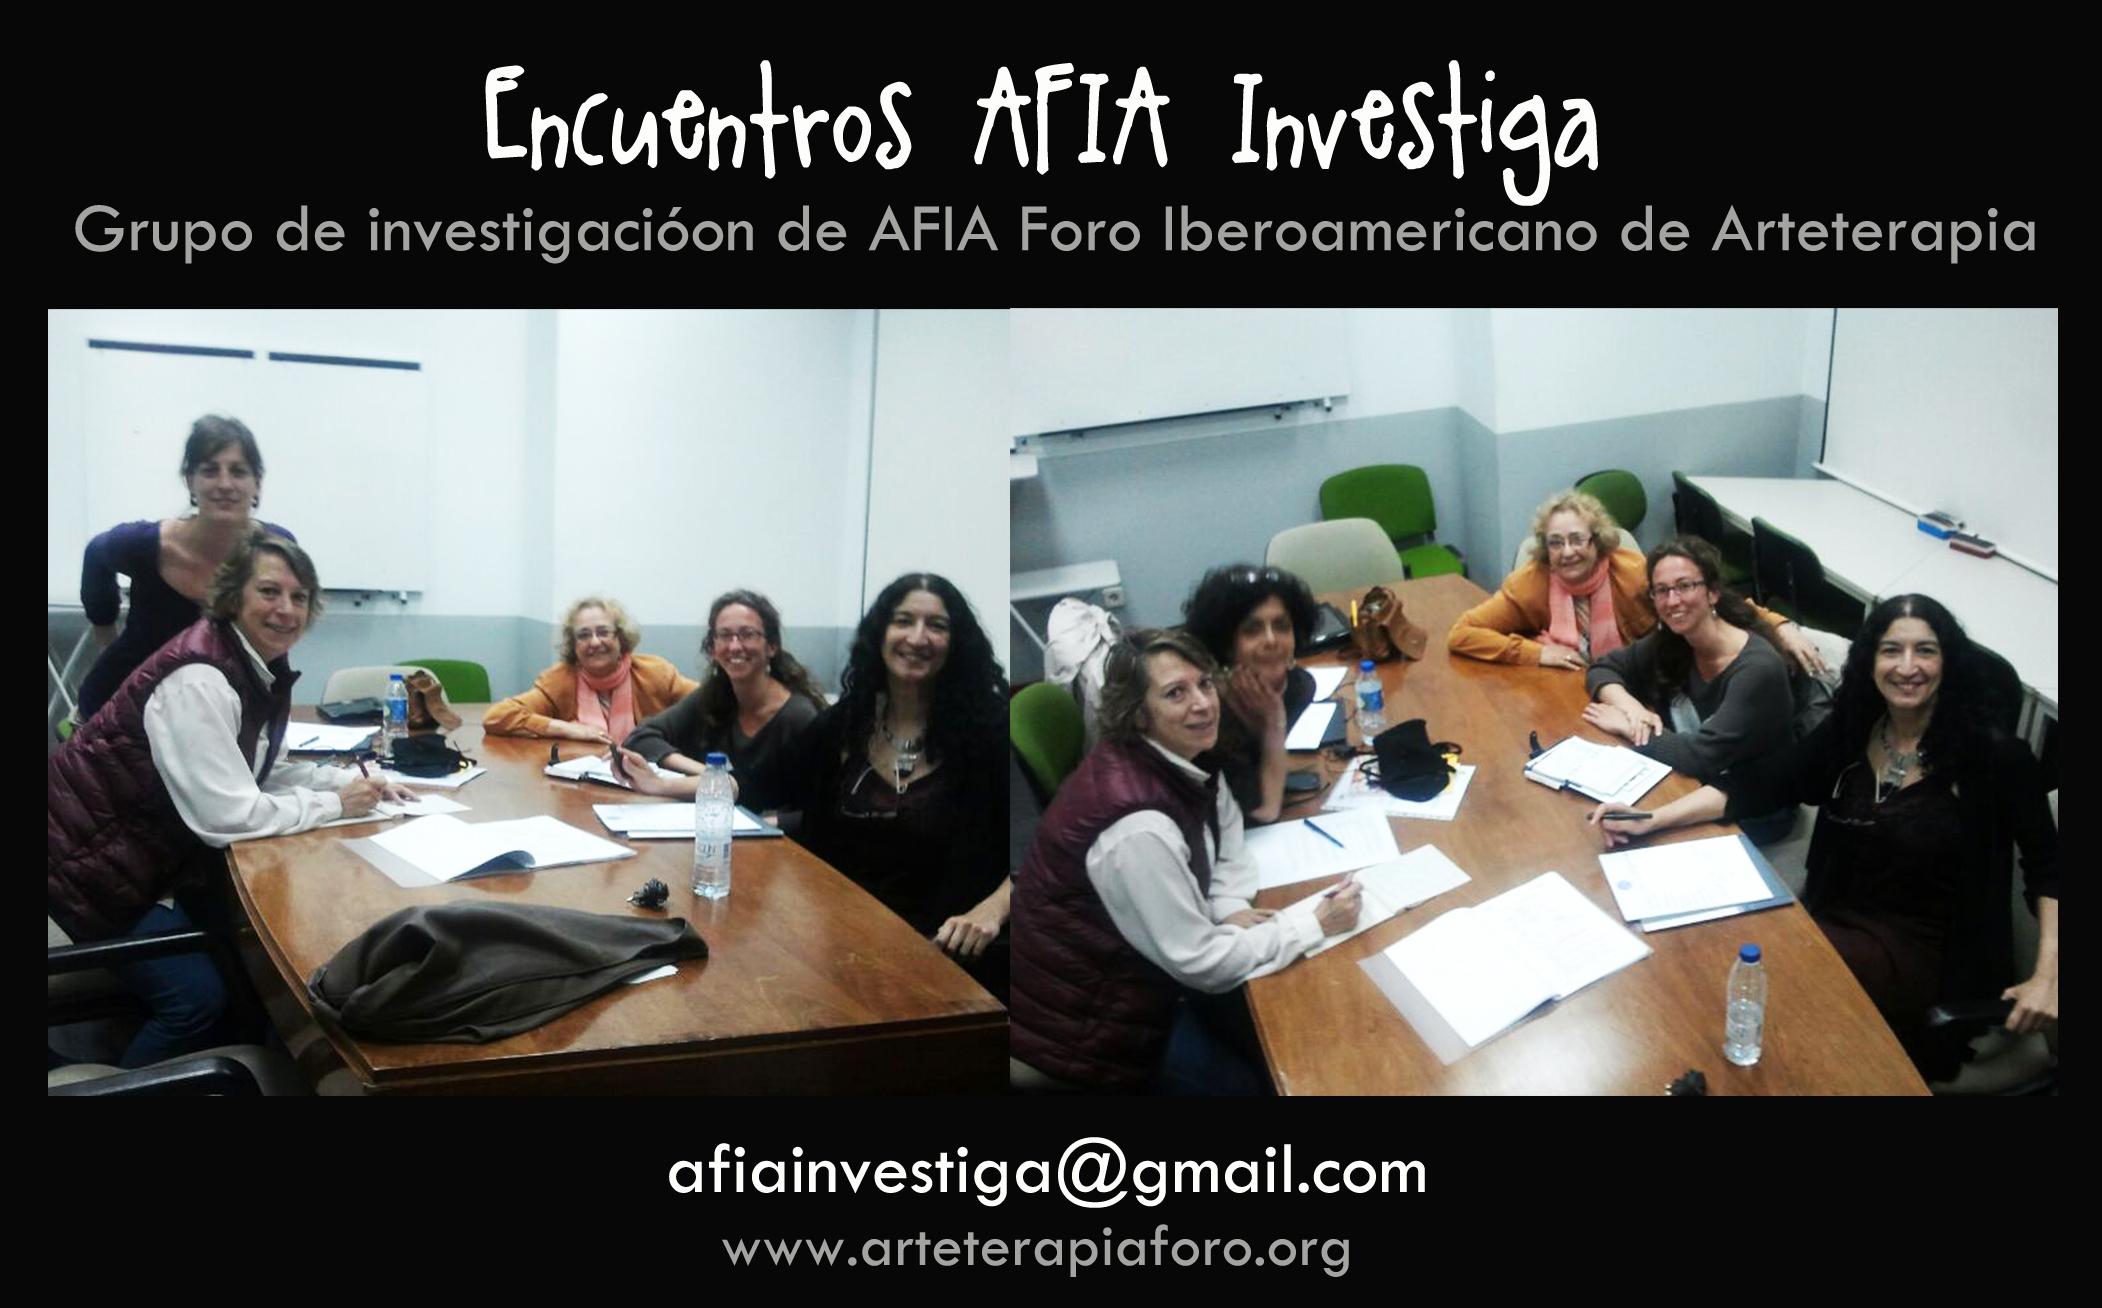 afia investiga